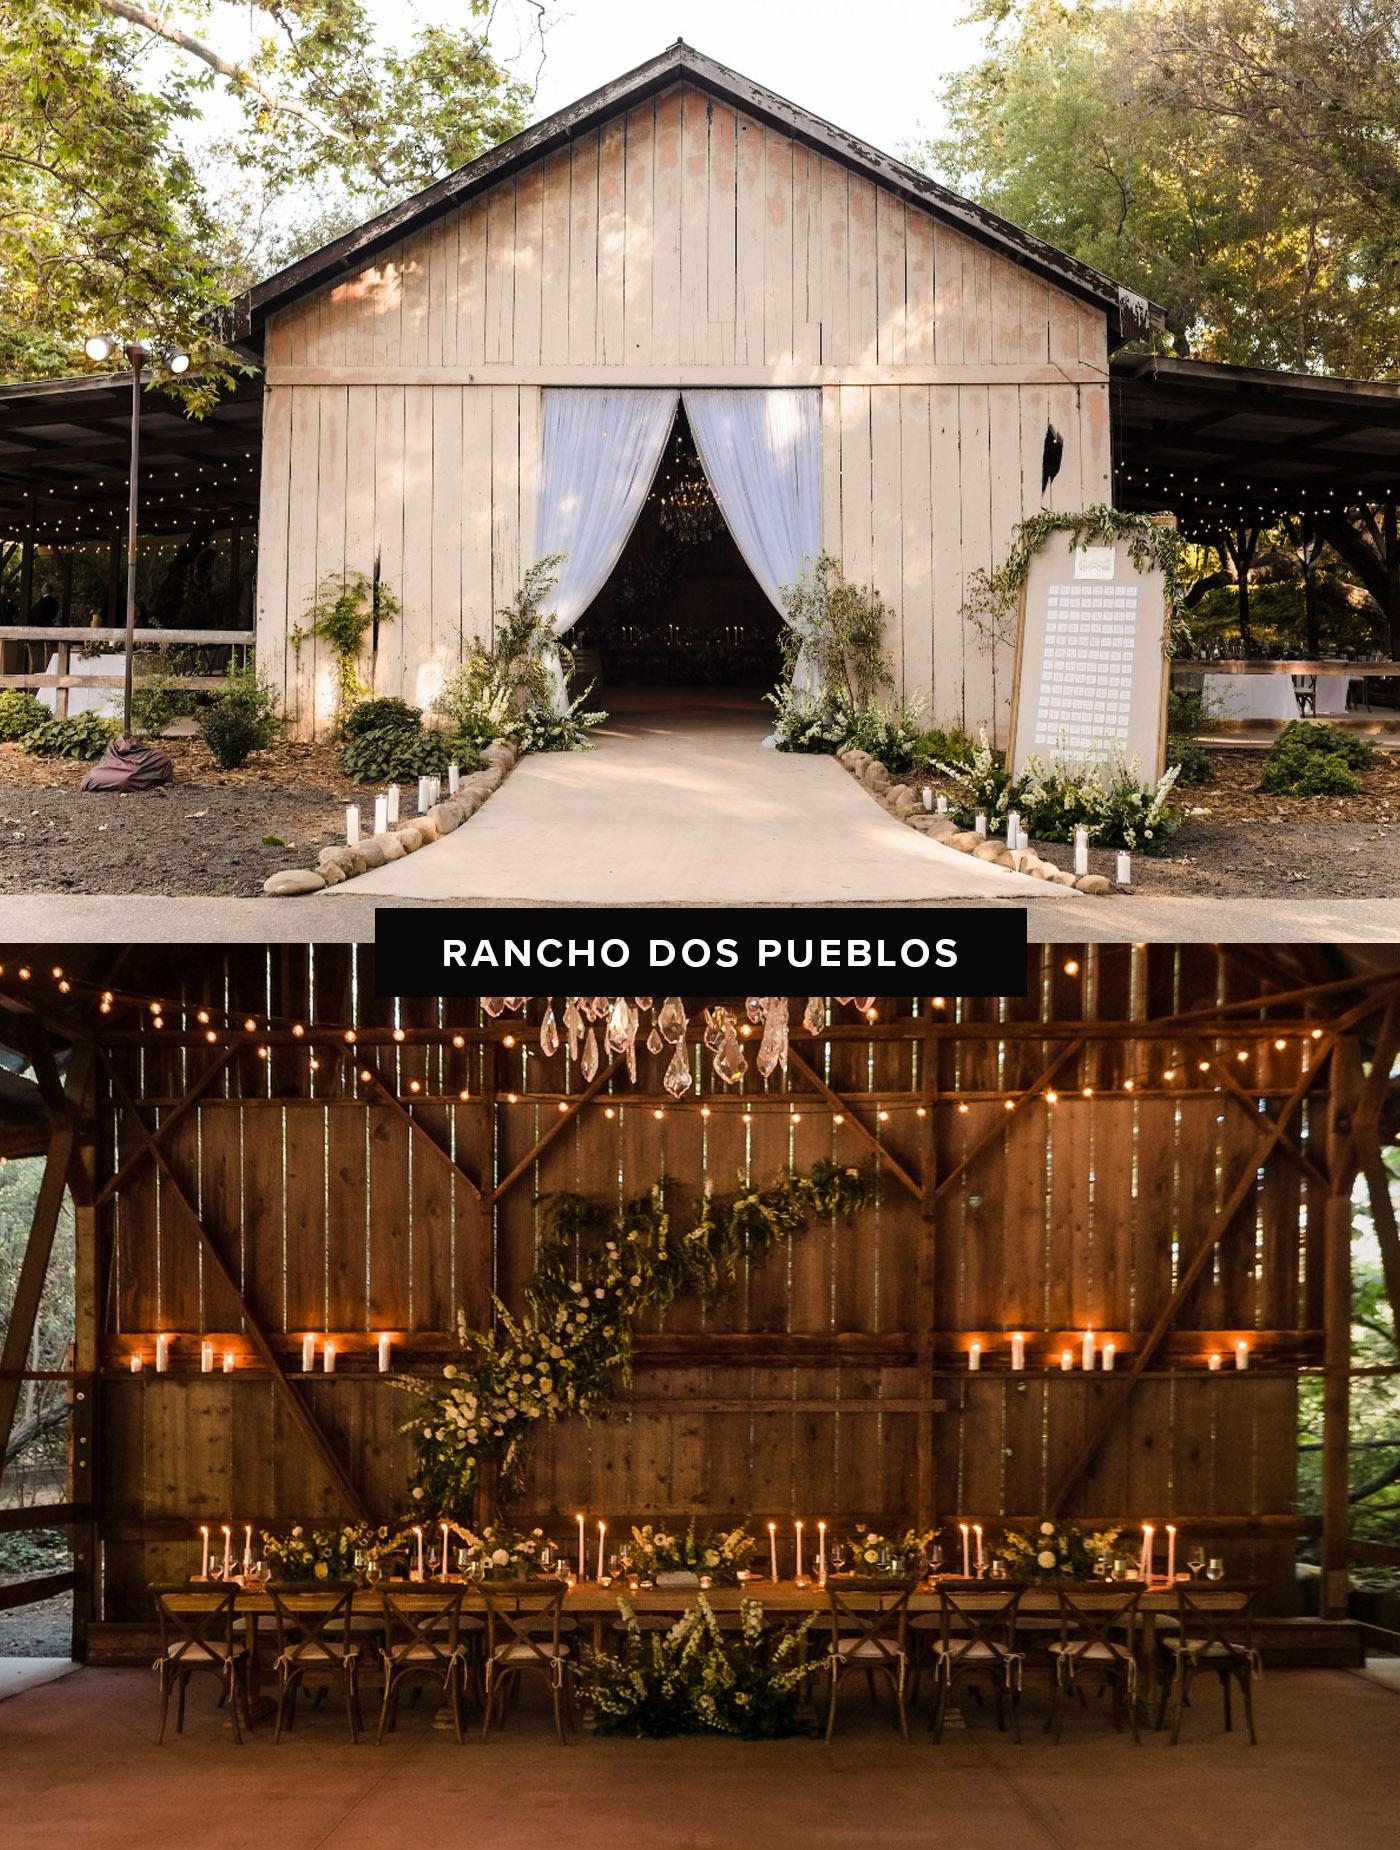 rancho dos pueblos barn wedding venue